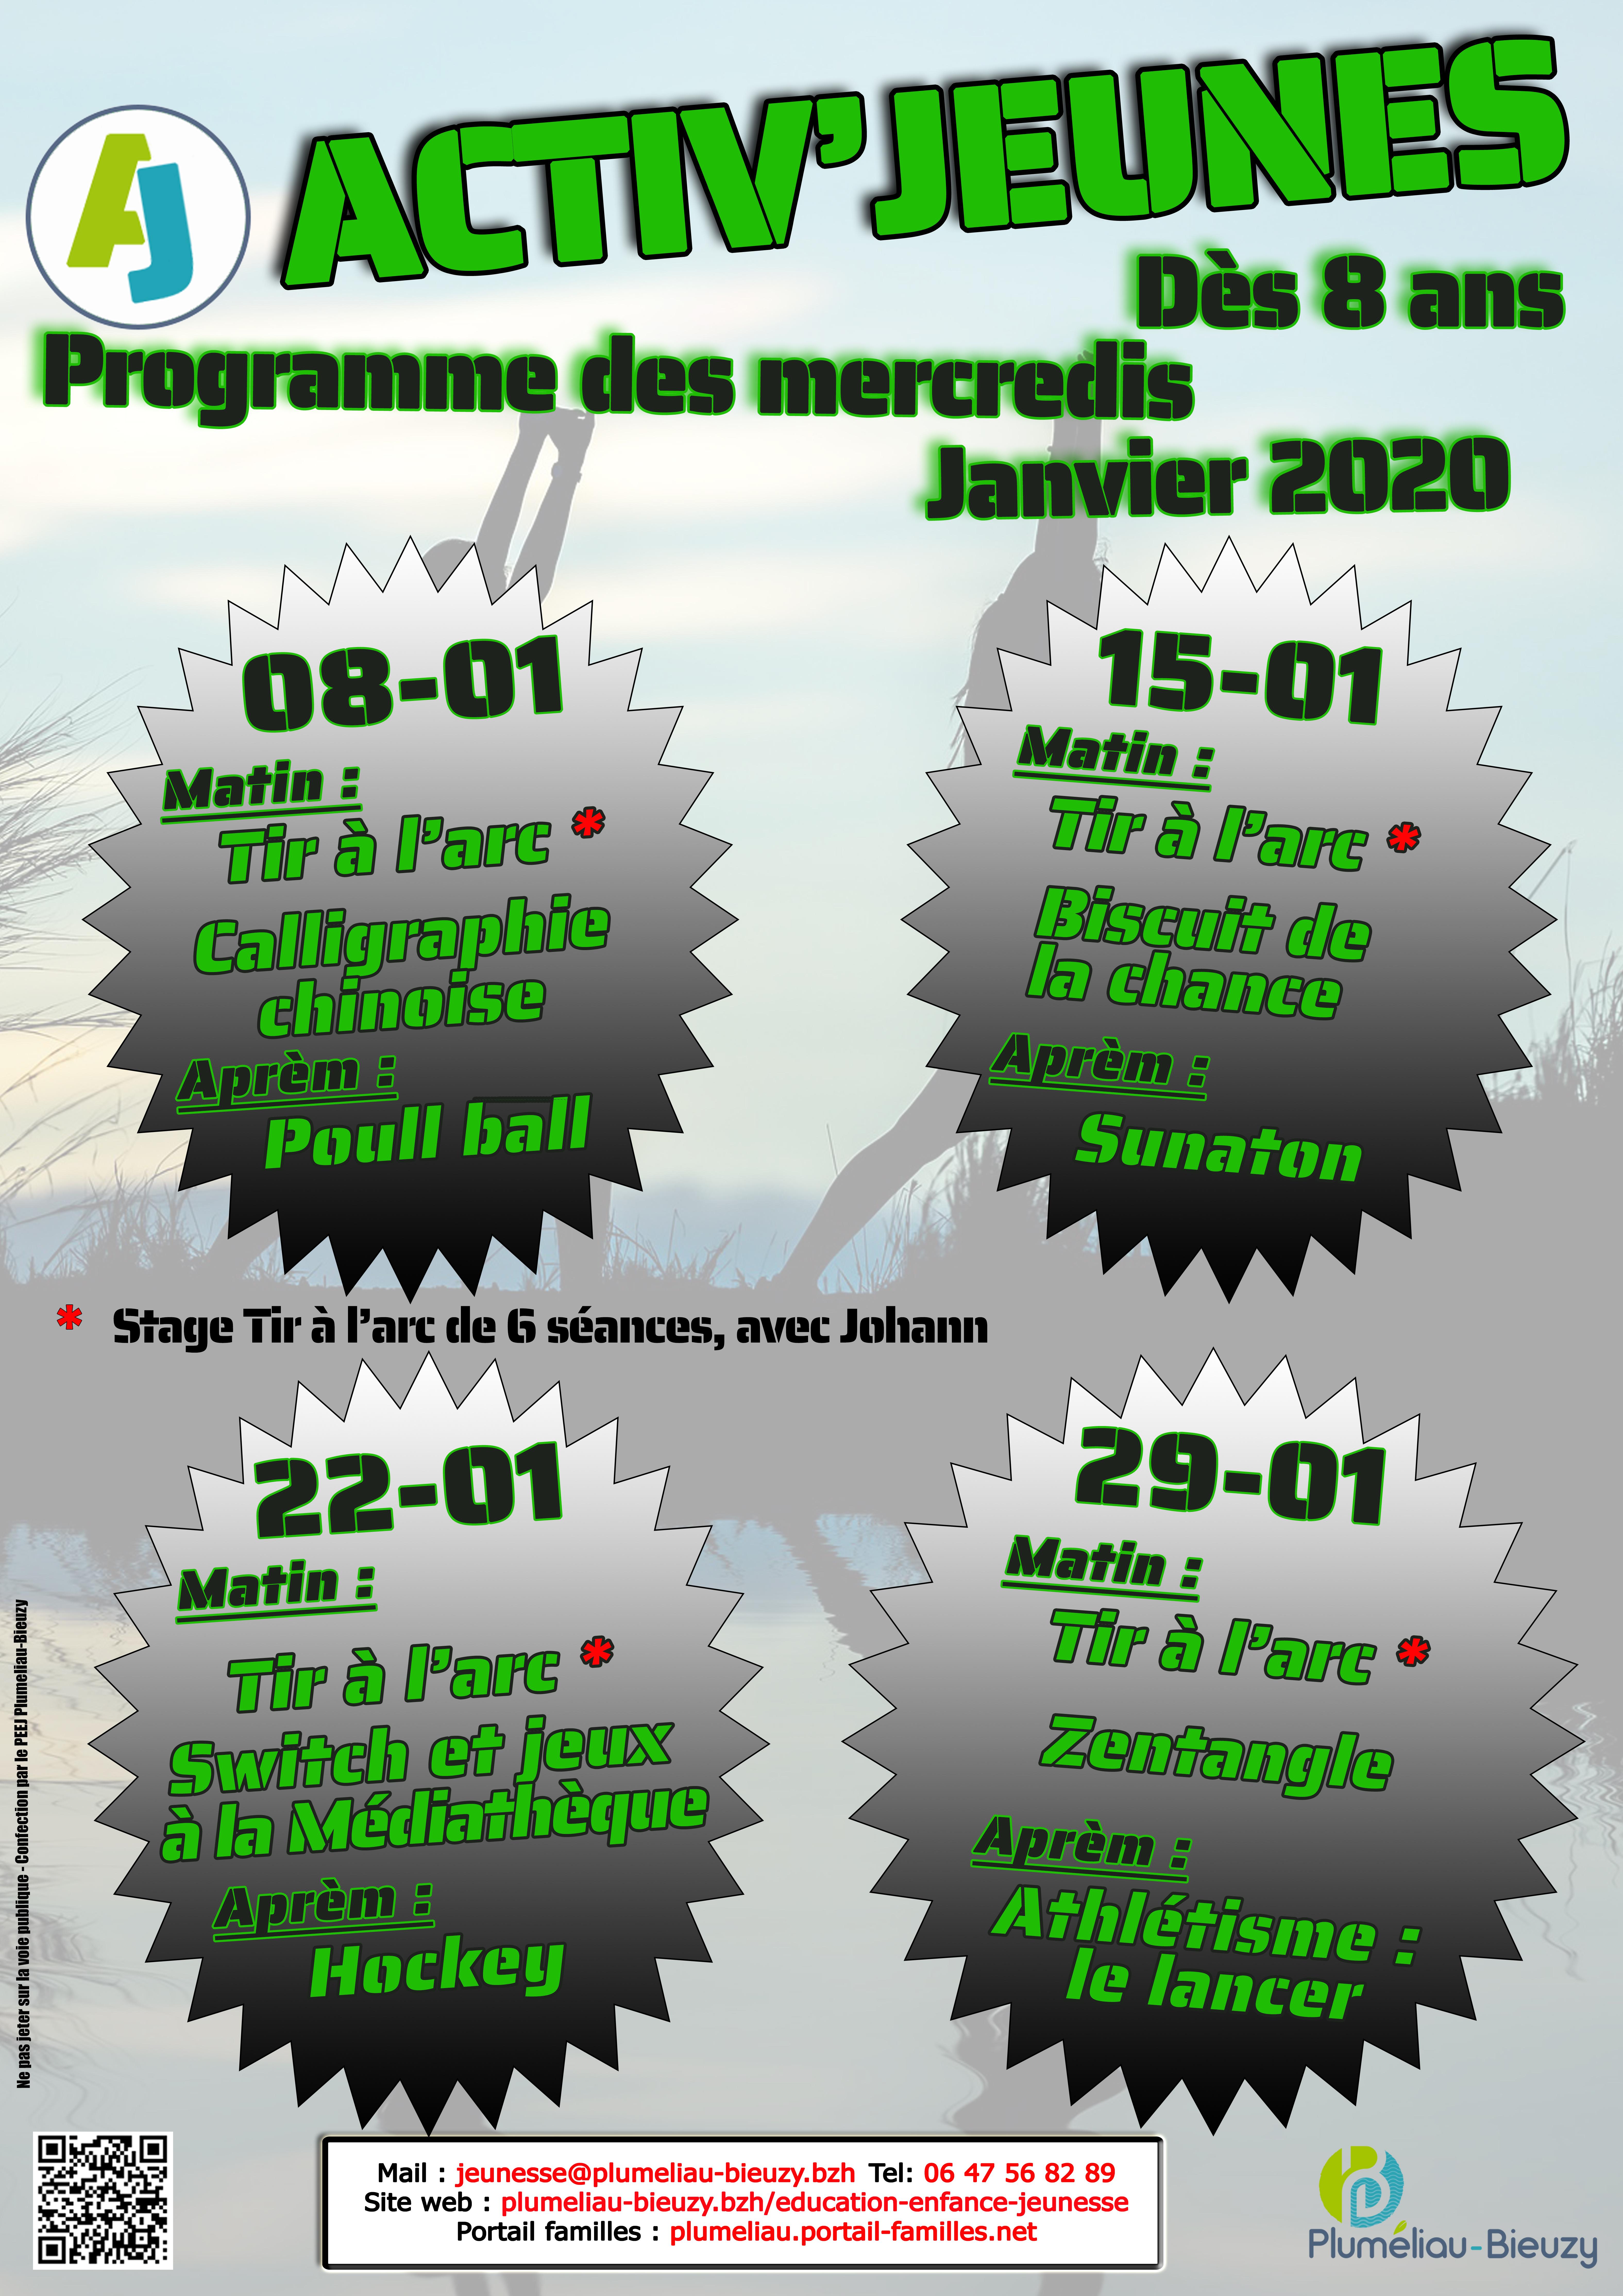 Programme des mercredis de janvier 2020